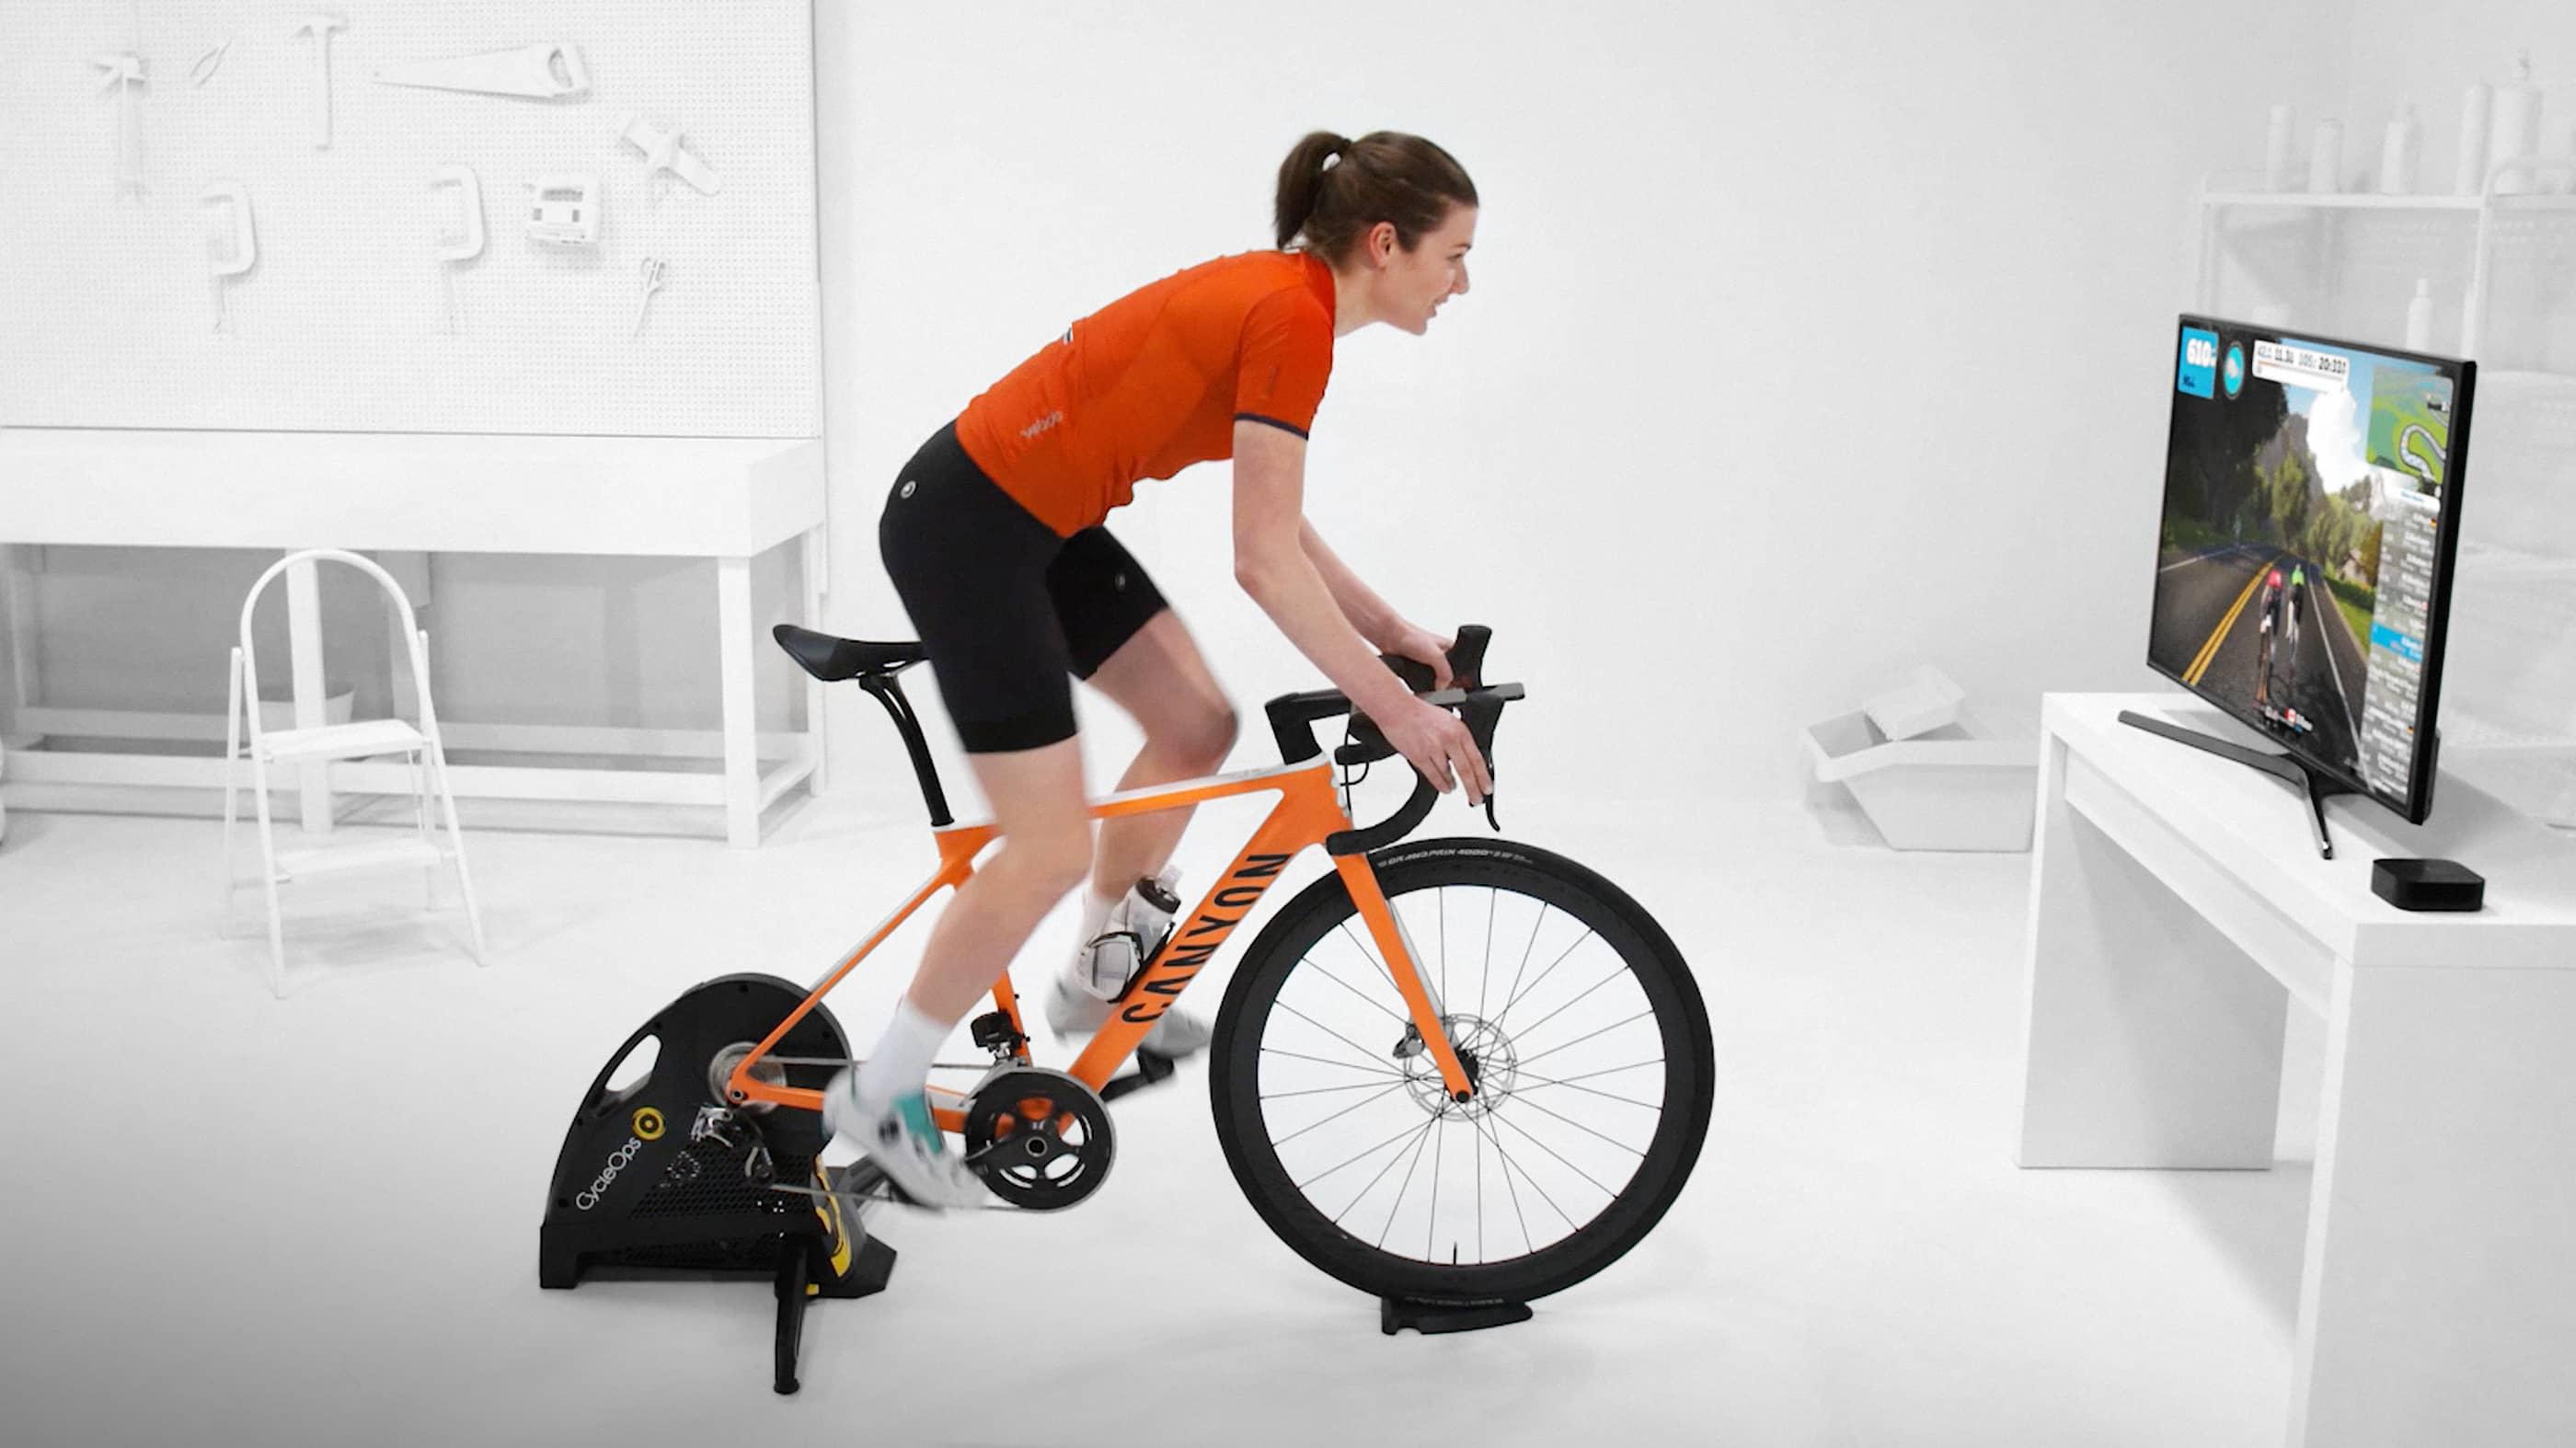 E-cykling udstyr - Zwift udstyr - Shopwise dk - Find udstyr til E